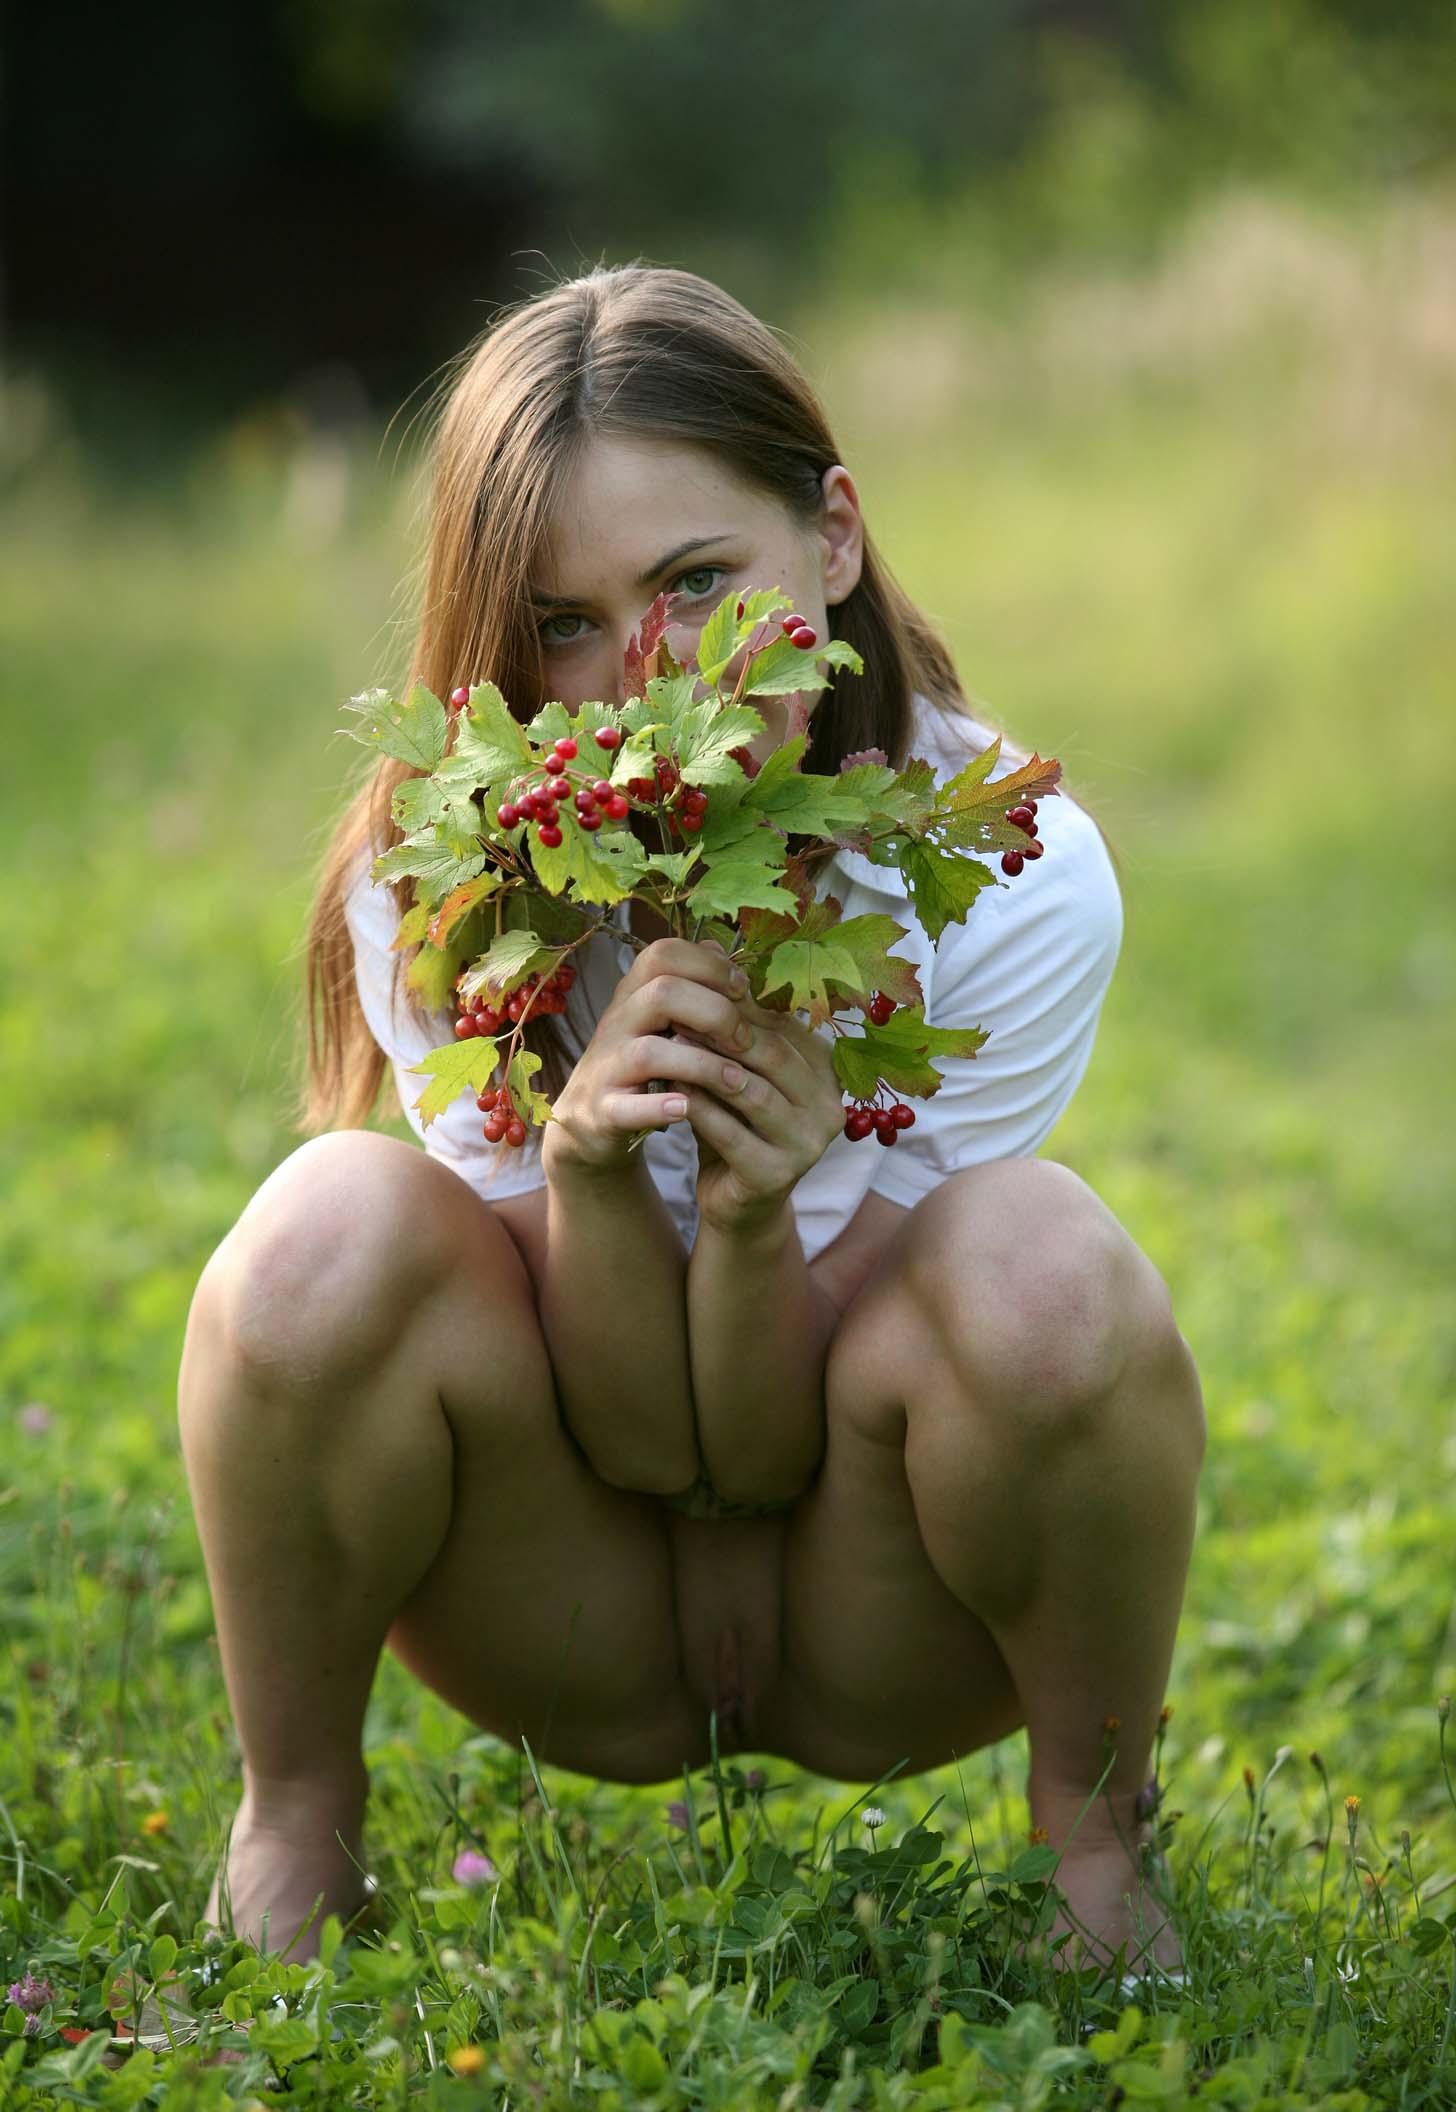 Собирает ягоды без трусов 5